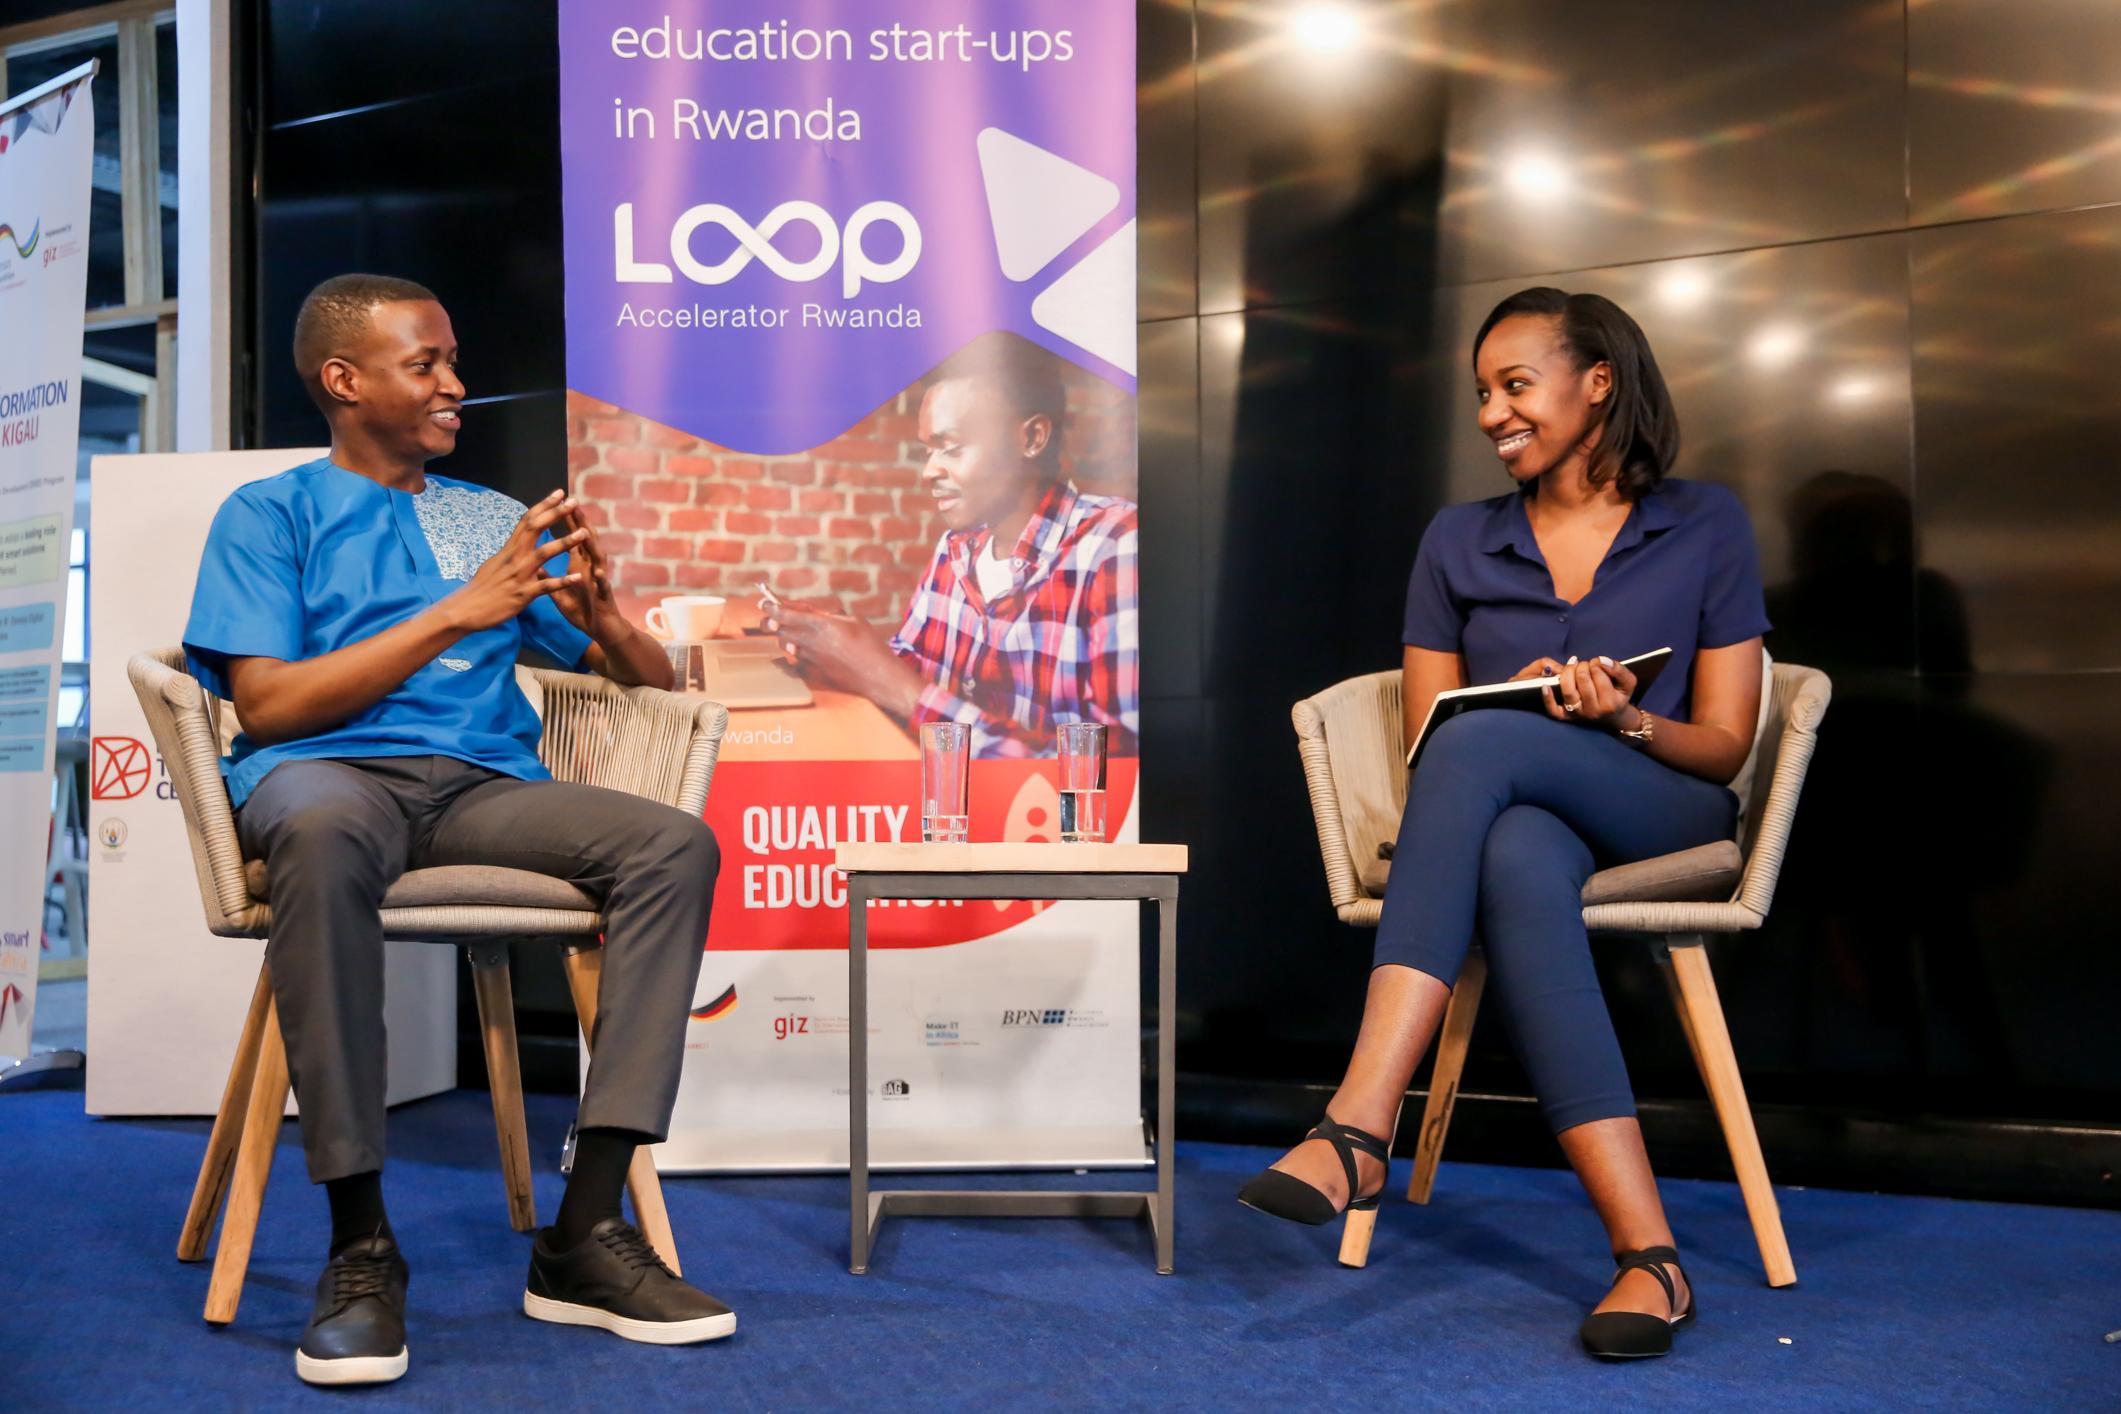 Discussions at the LOOP Accelerator in Kigali Rwanda